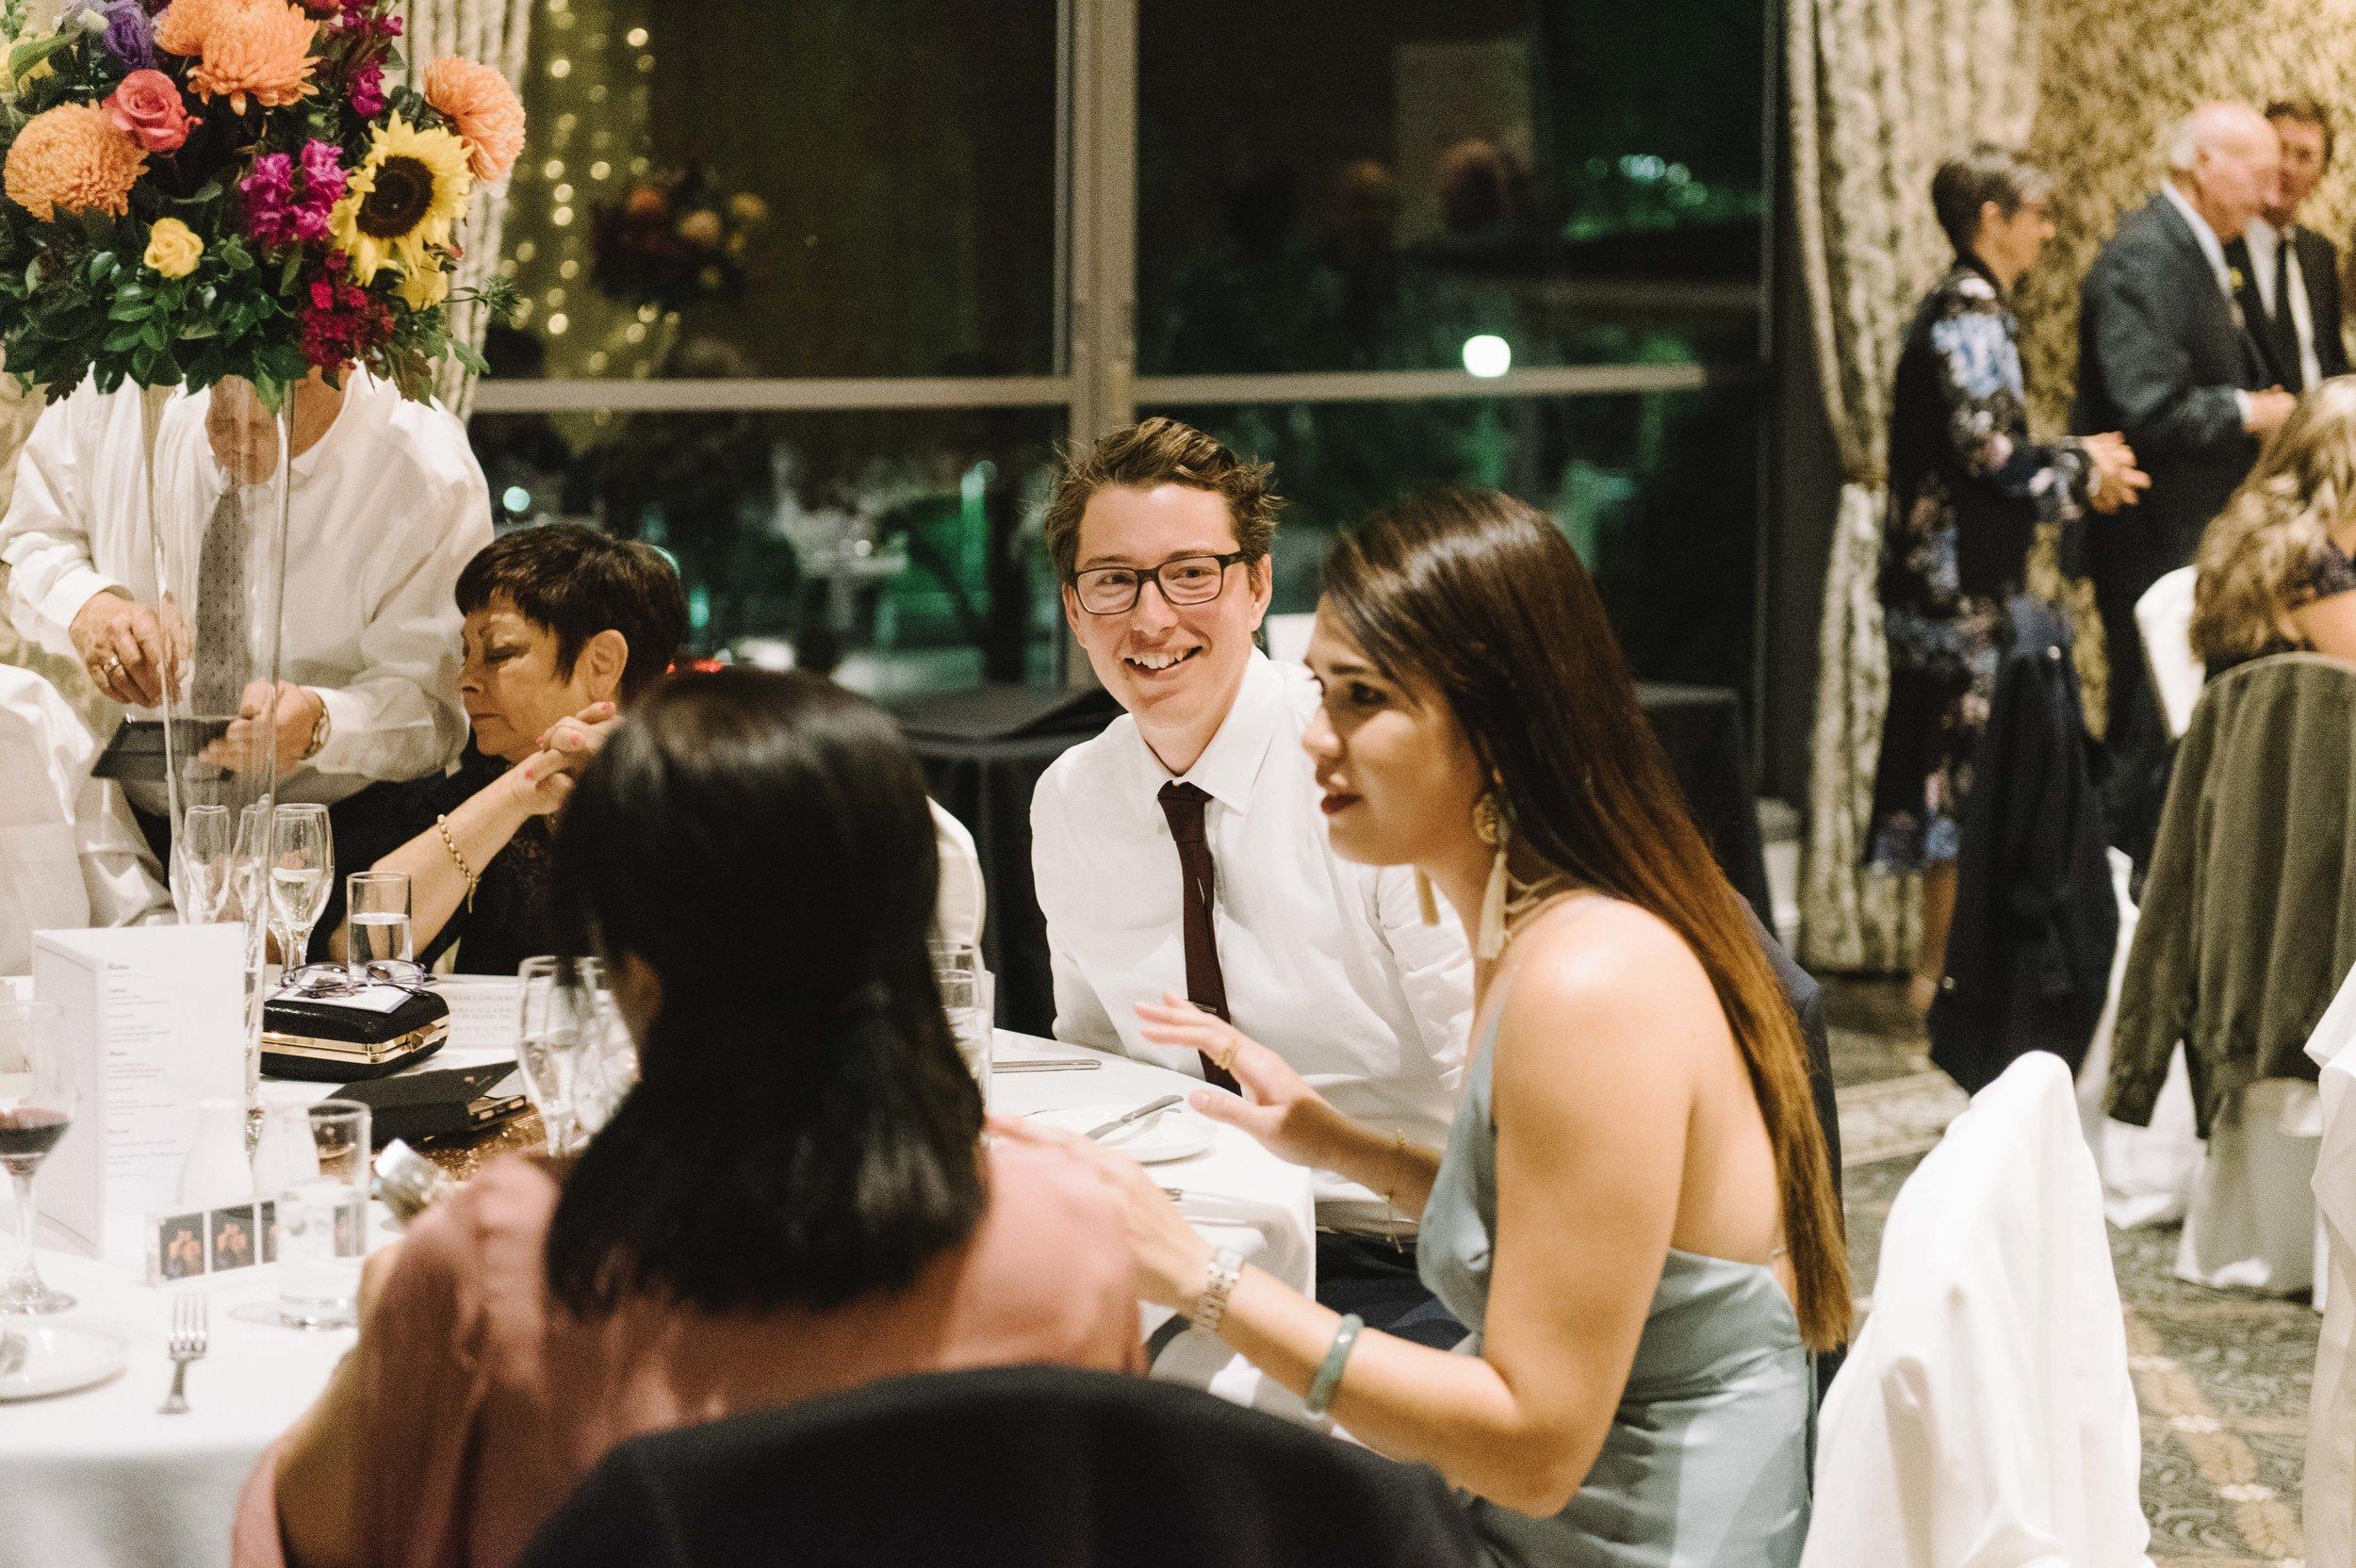 brisbane-stamford-plaza-wedding-76.jpg